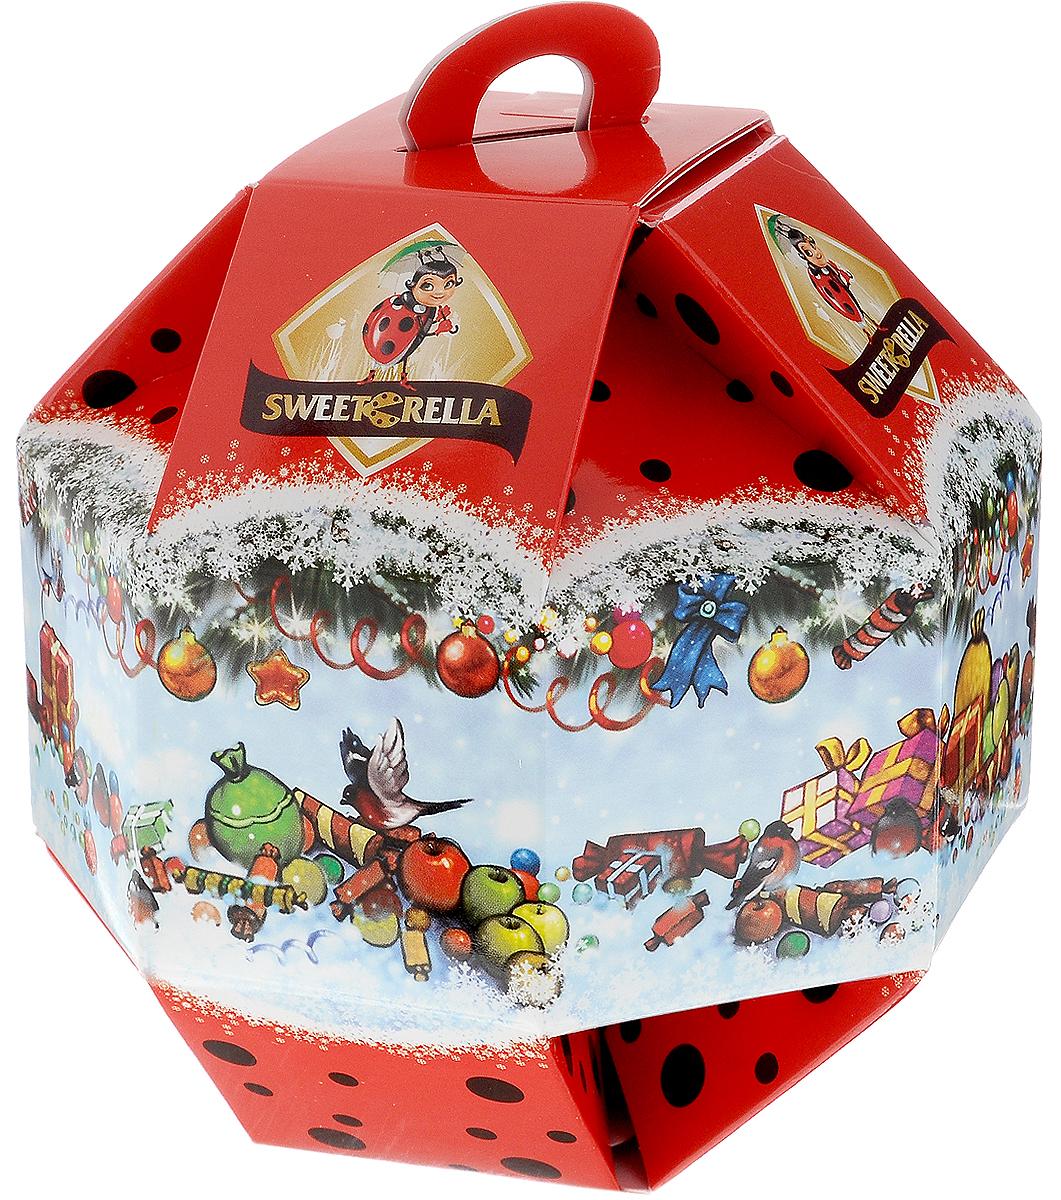 Sweeterella Новогодний шарик конфеты шоколадные, 138 г sweeterella печенье американер ассорти 400 г